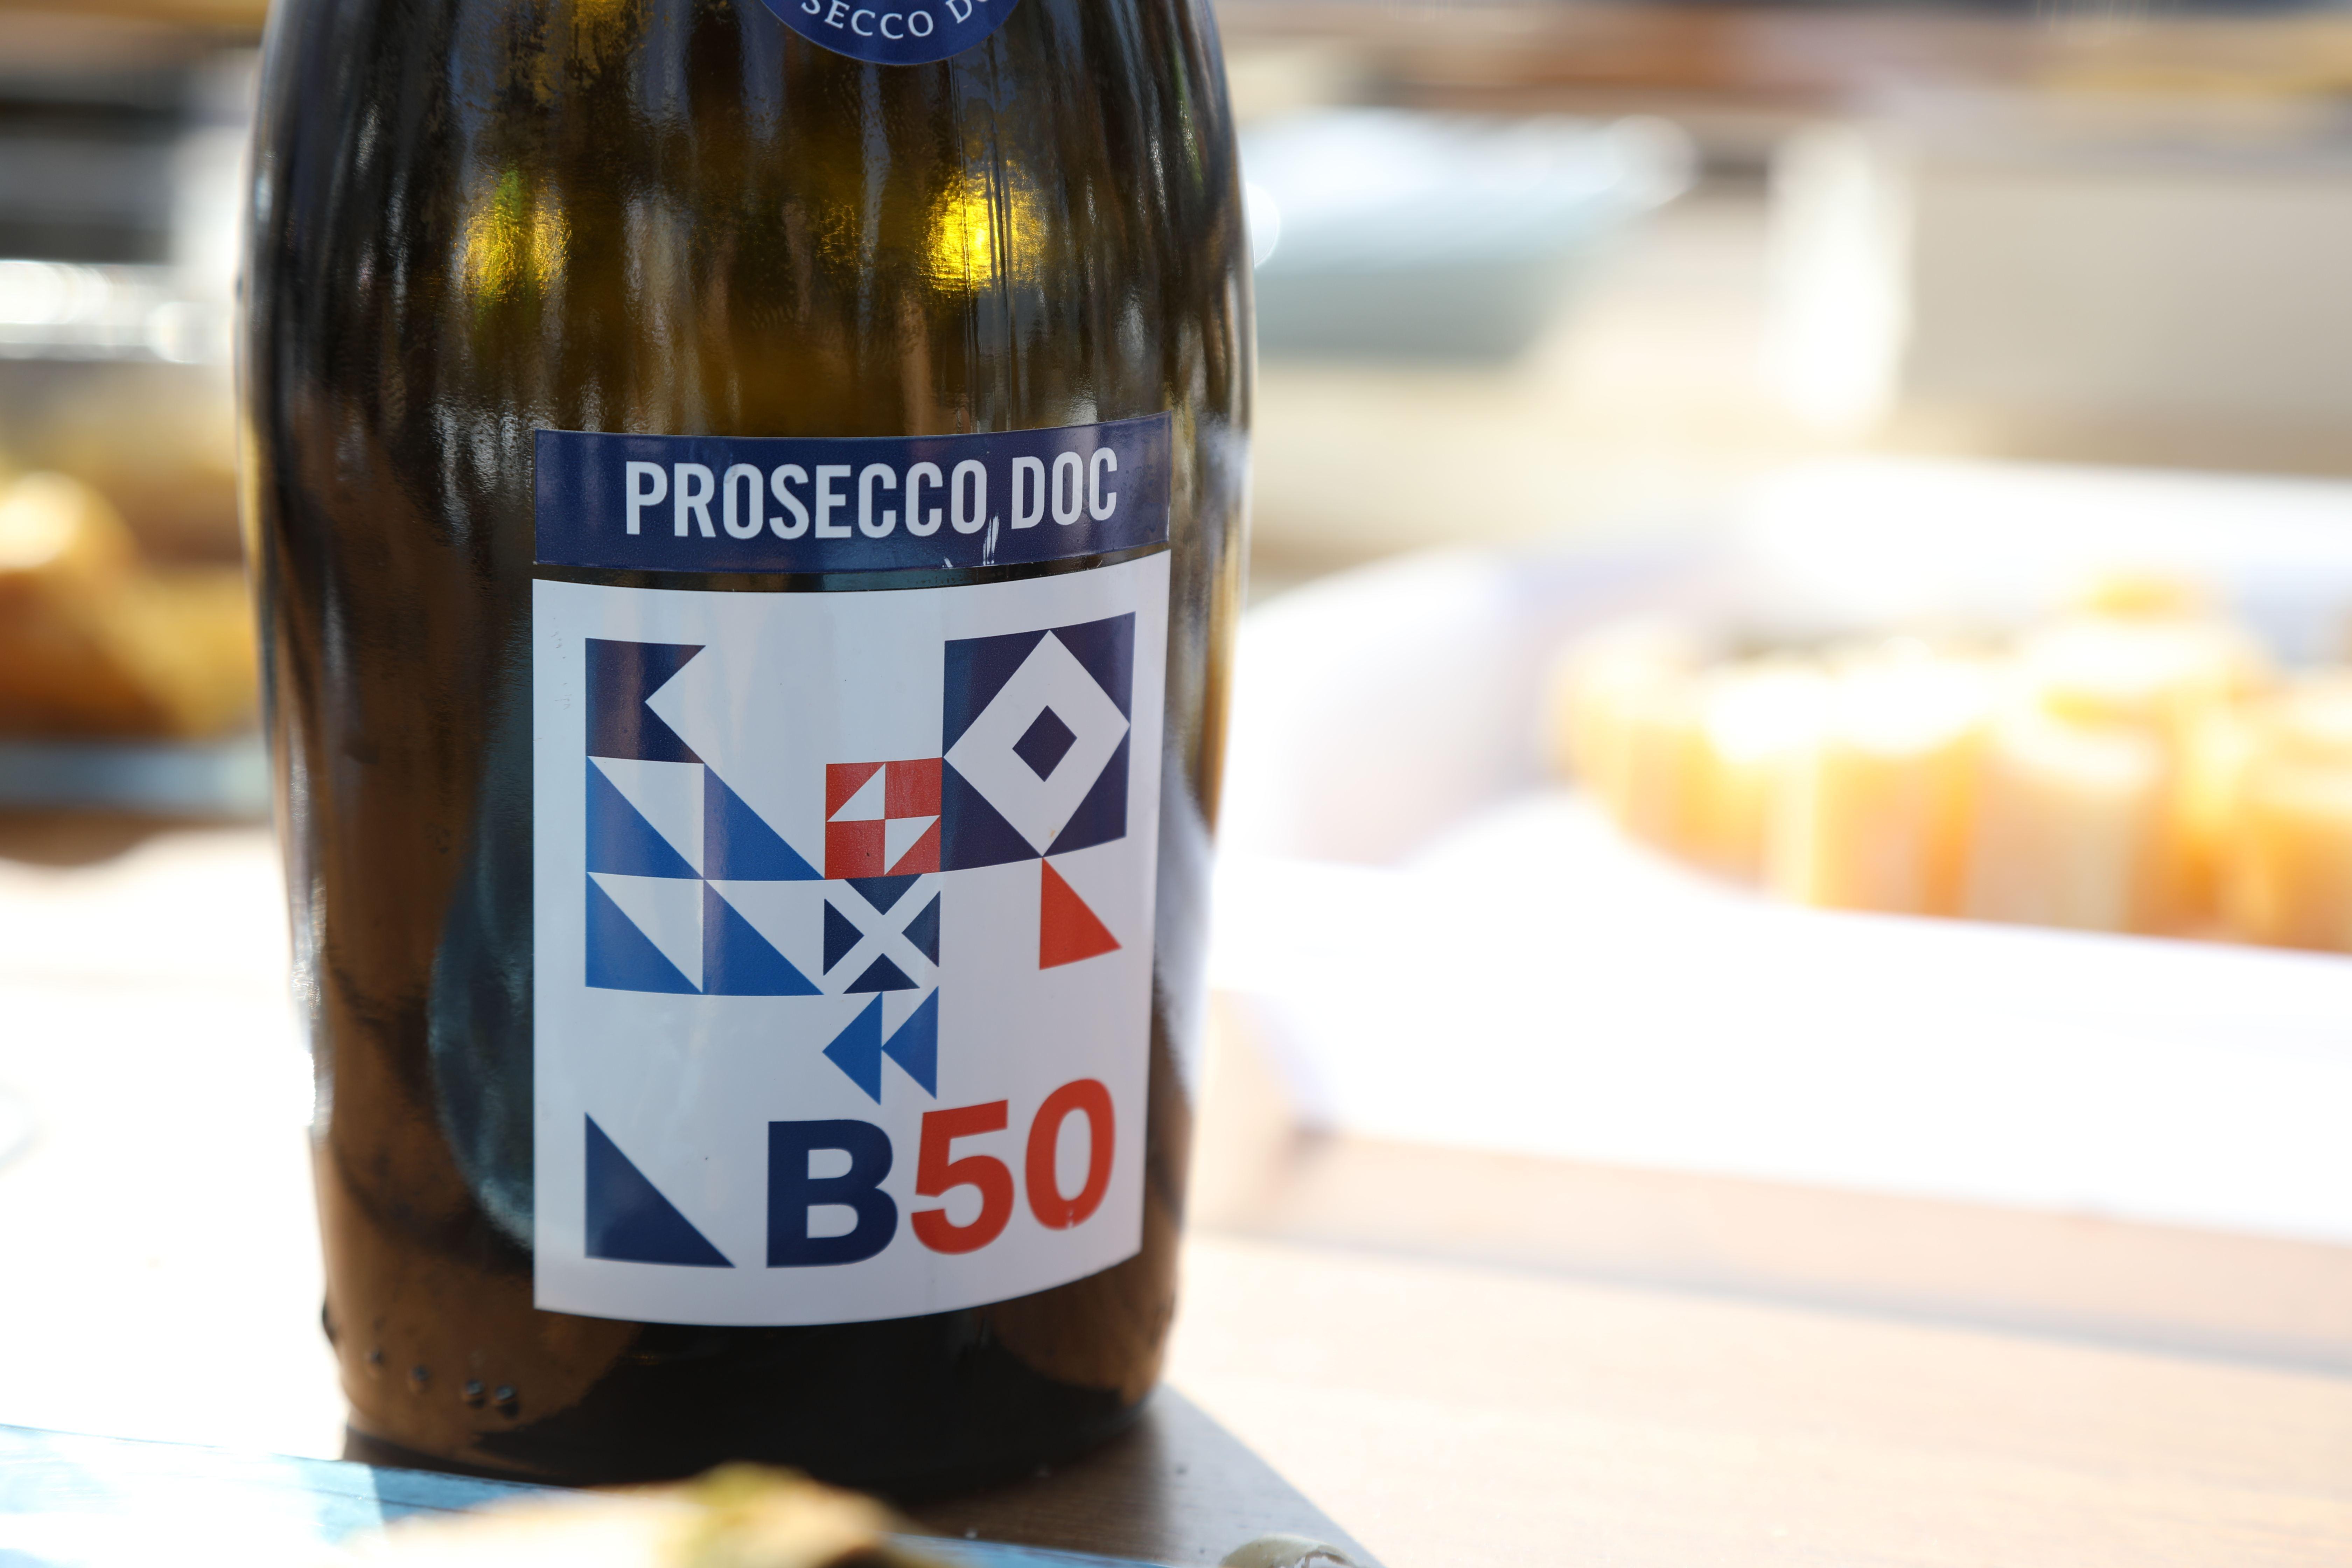 Bottiglia Prosecco DOC B50